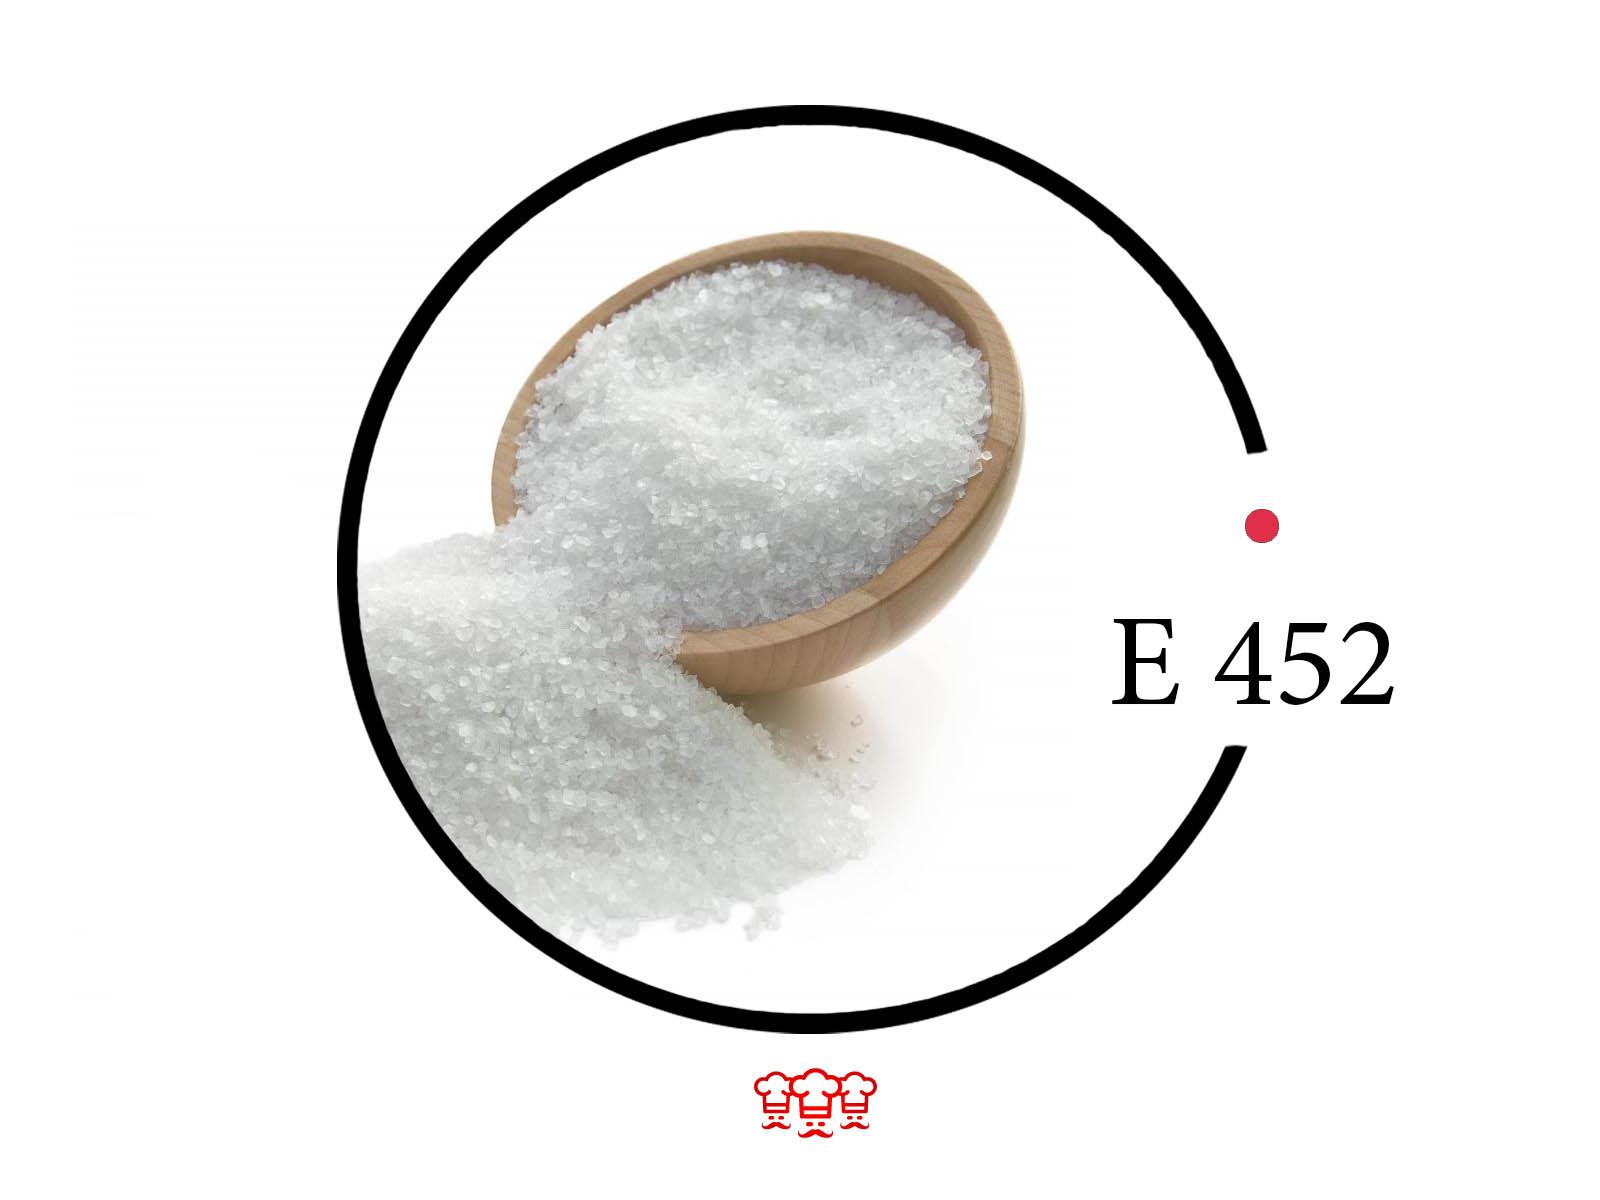 Вреден ли сорбат калия е202 и в каких отраслях используется этот консервант?